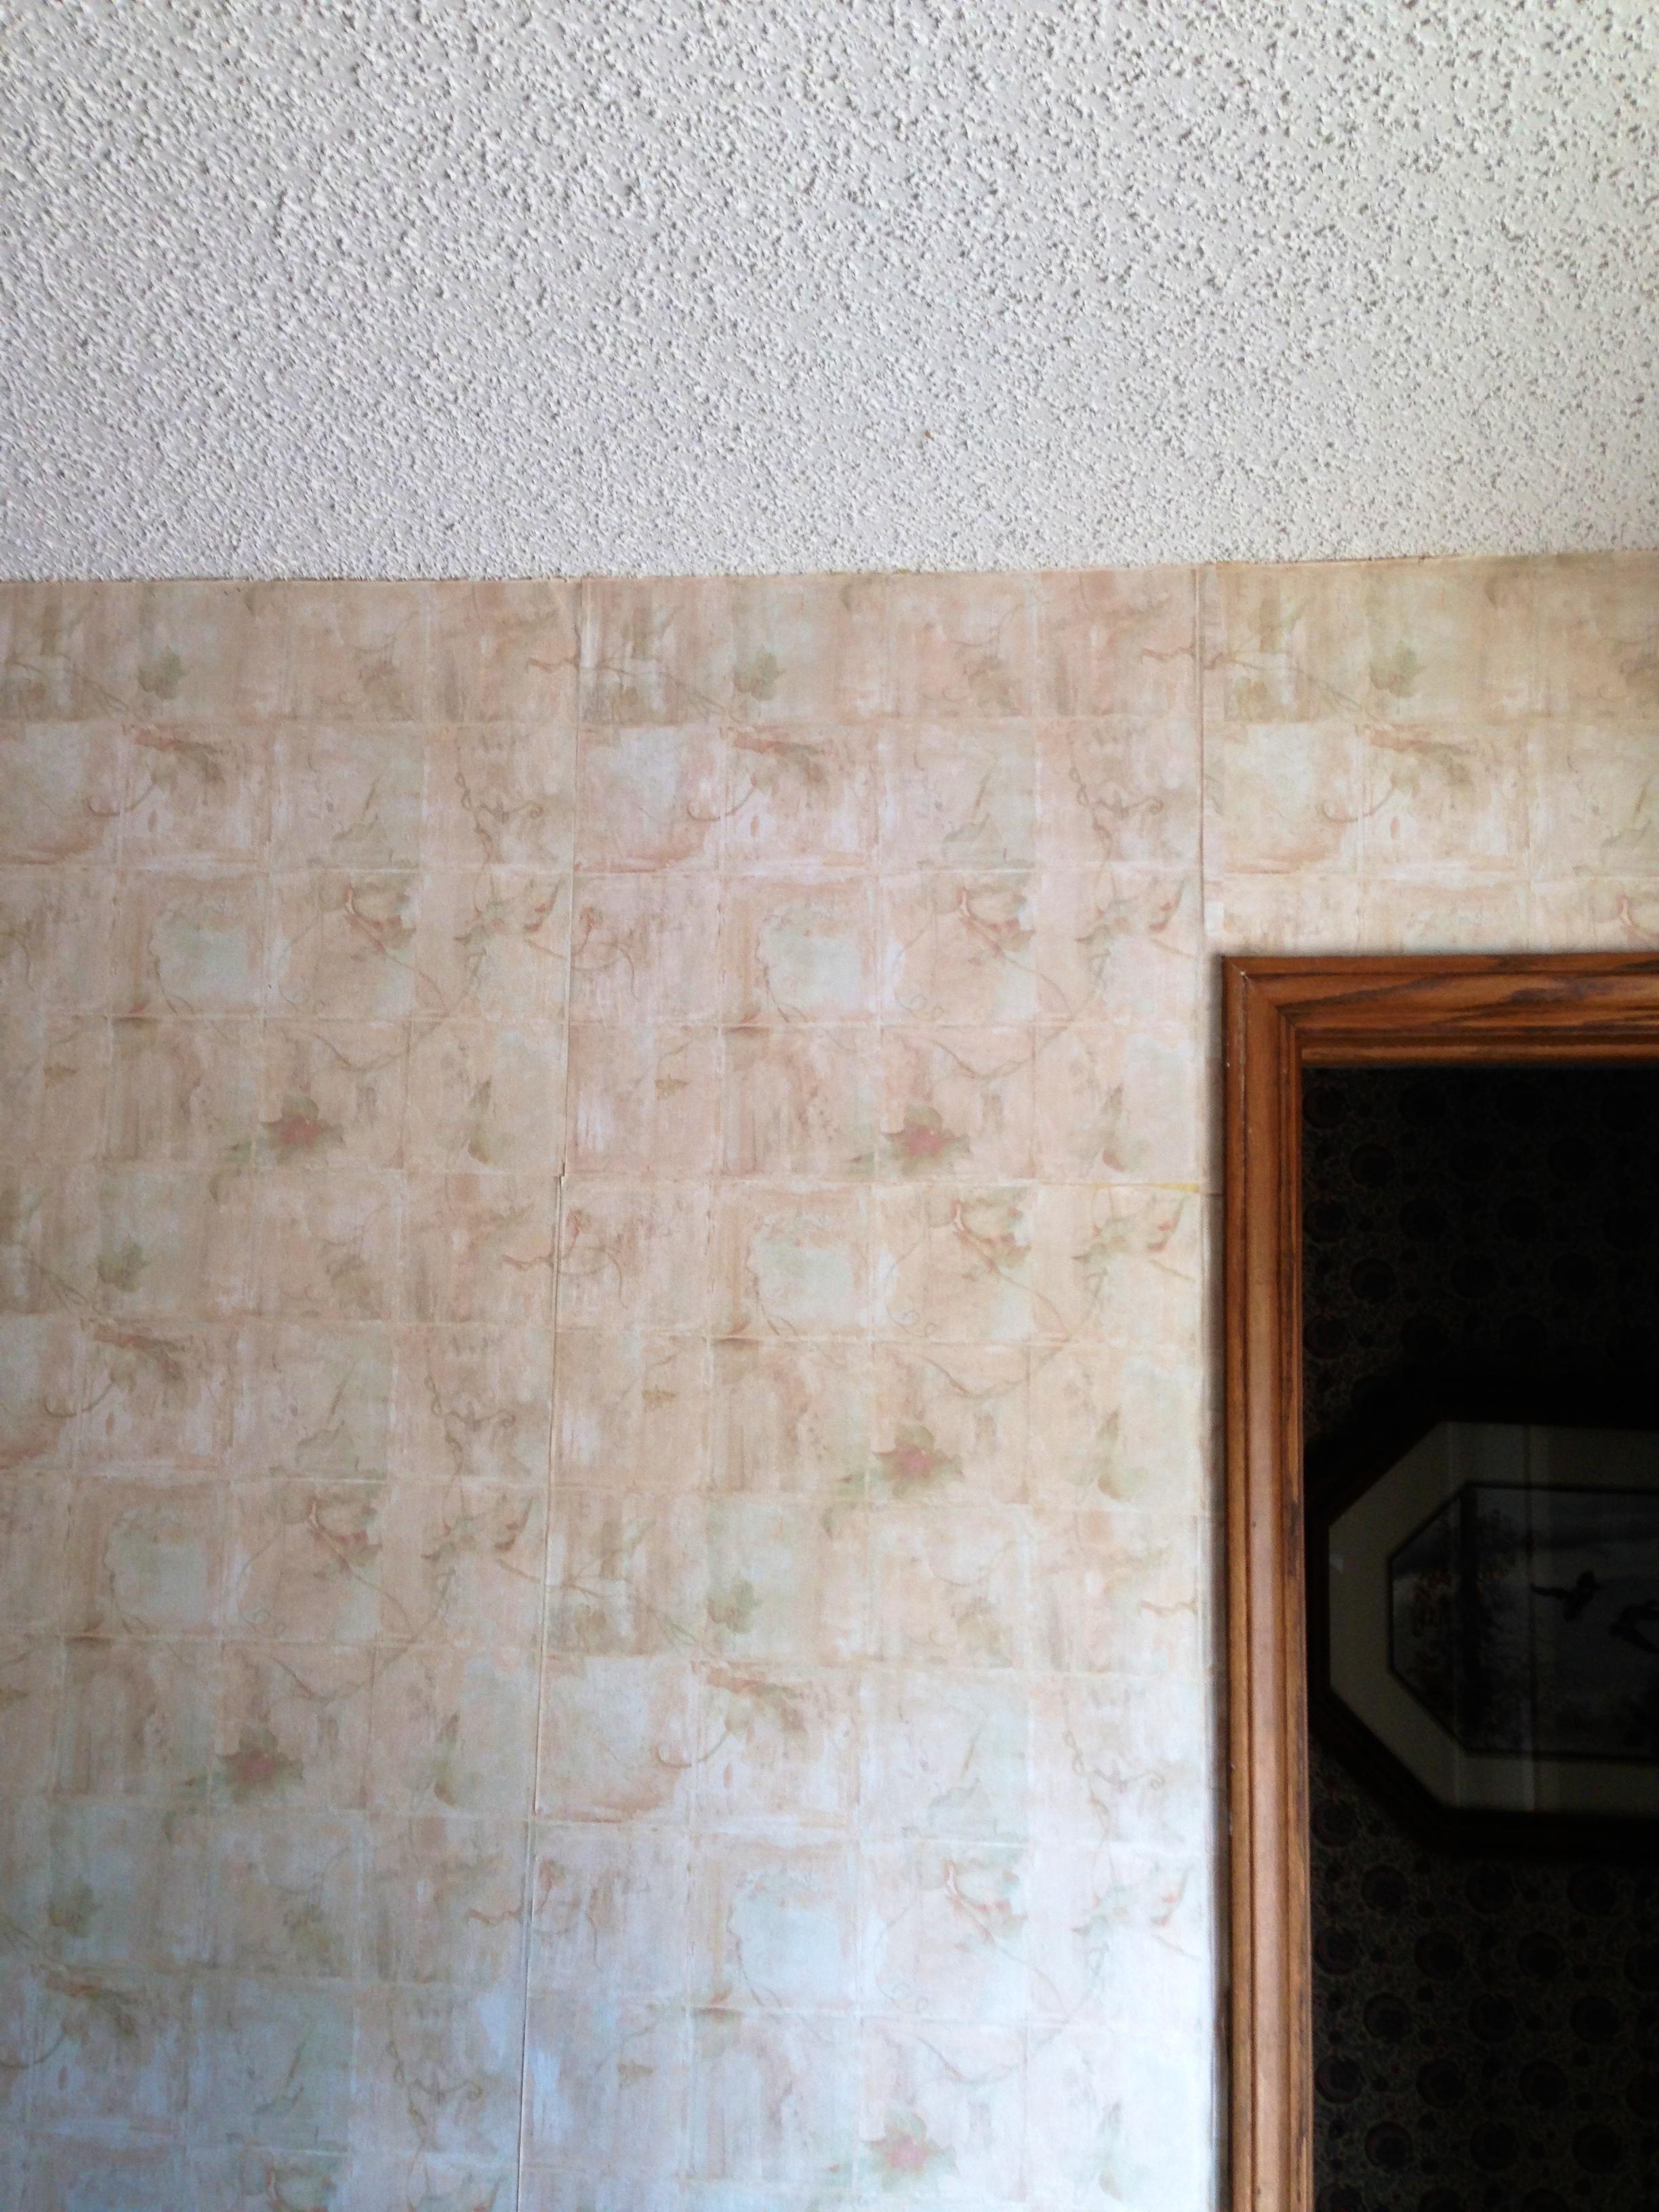 Drywall Repair Drywall Repair Wichita Ks